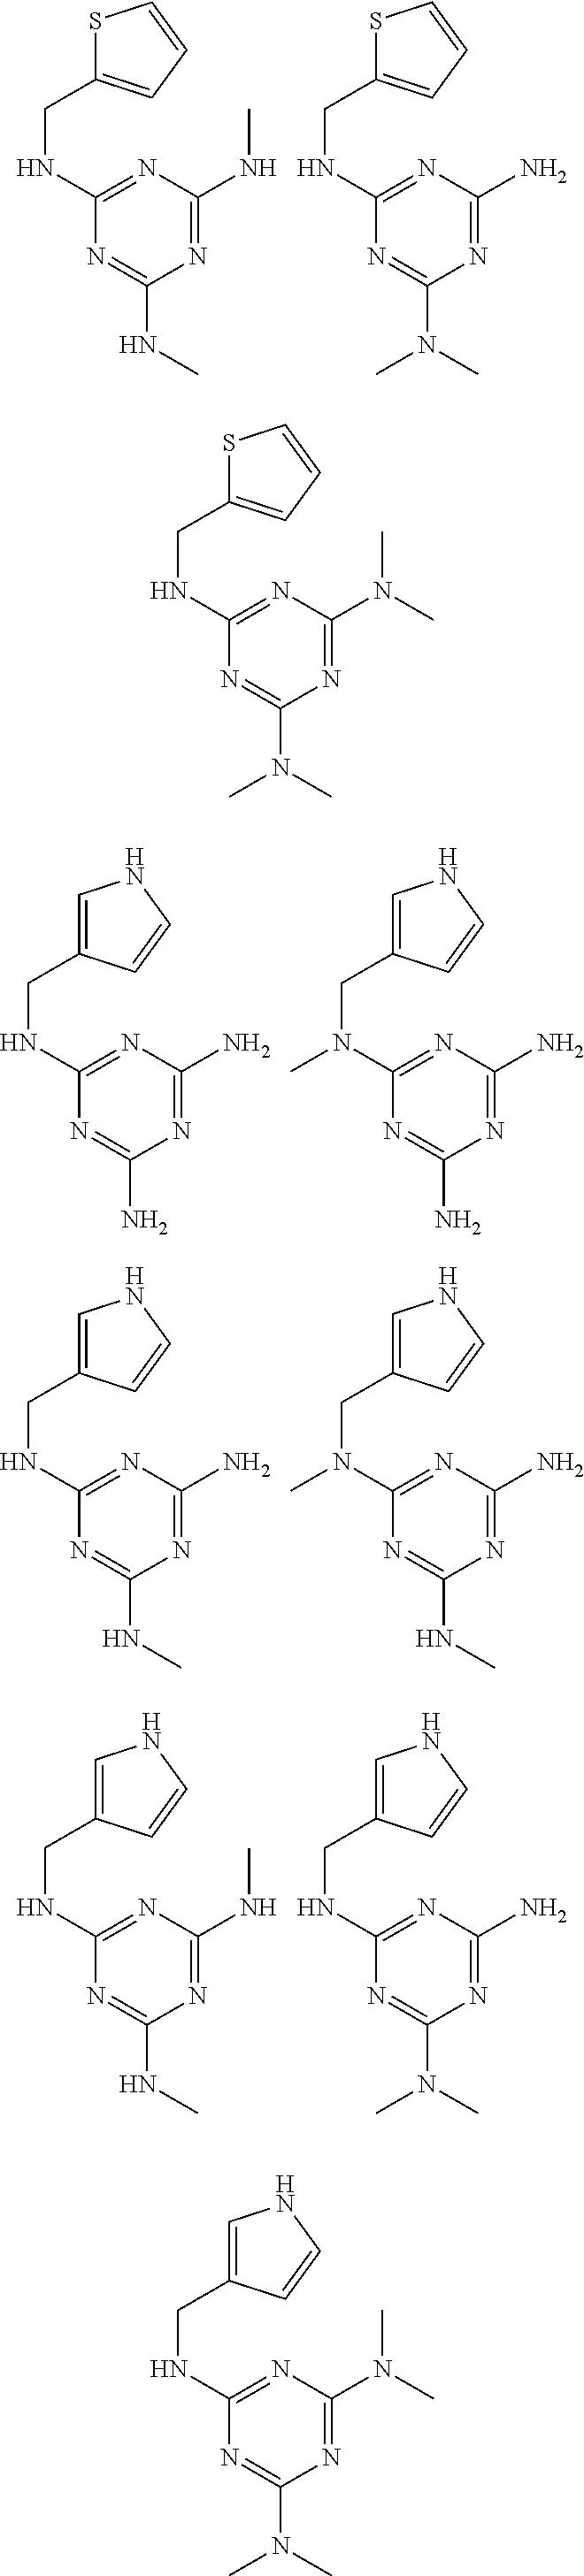 Figure US09480663-20161101-C00131